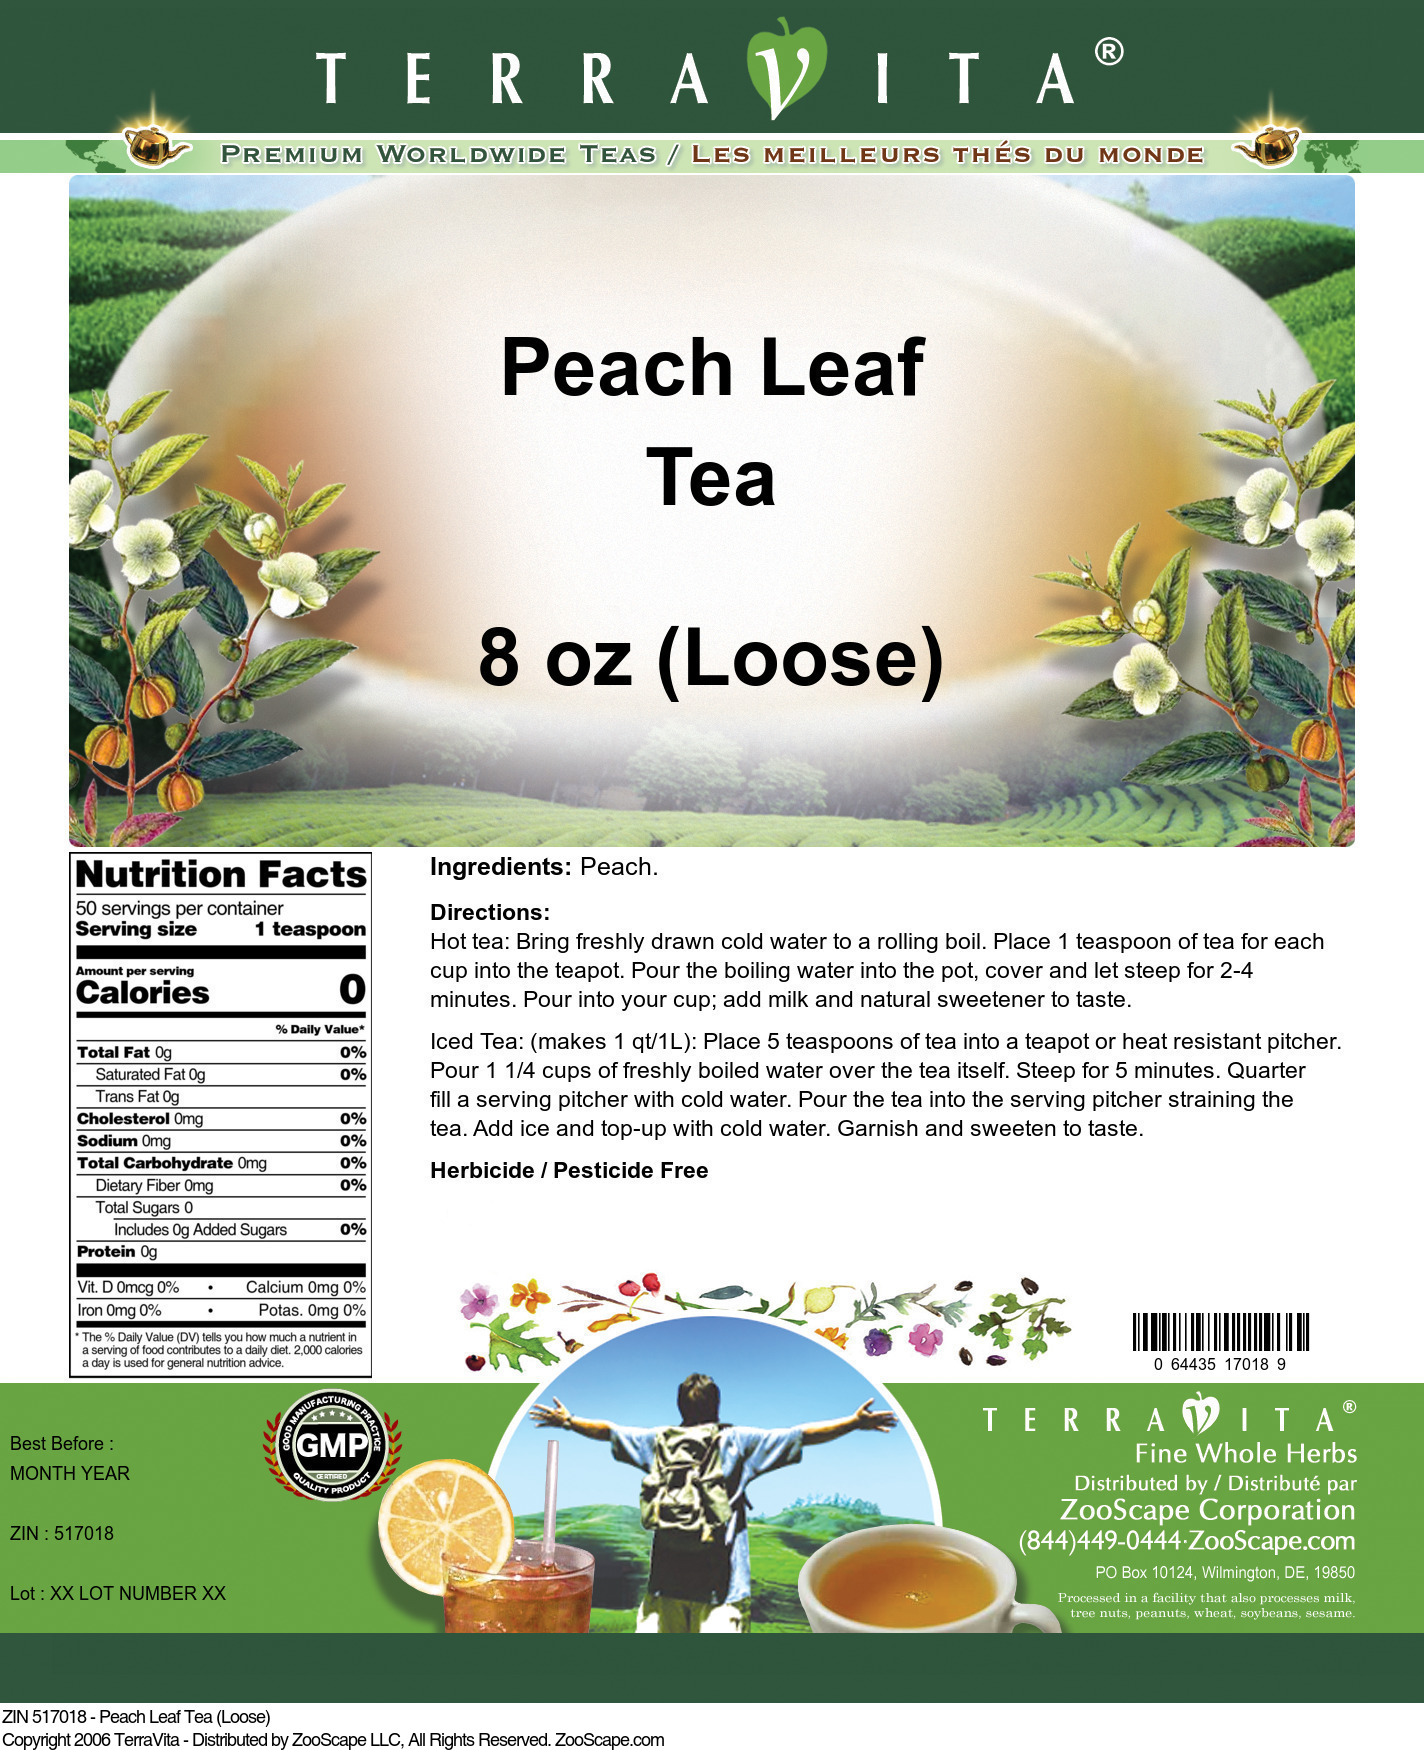 Peach Leaf Tea (Loose)